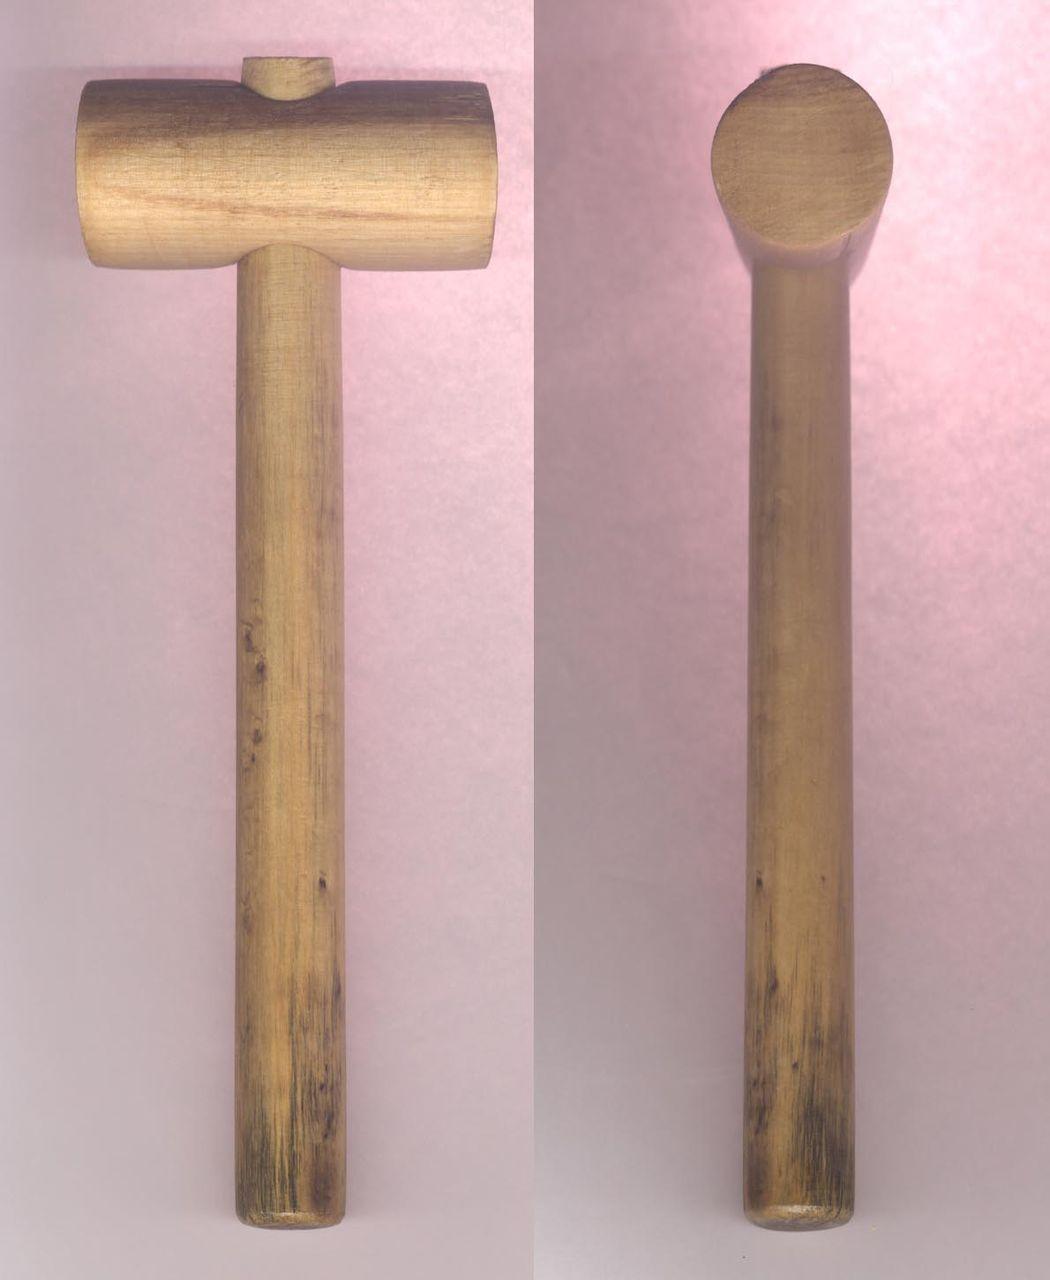 Черенки для лопаты как сделать 950